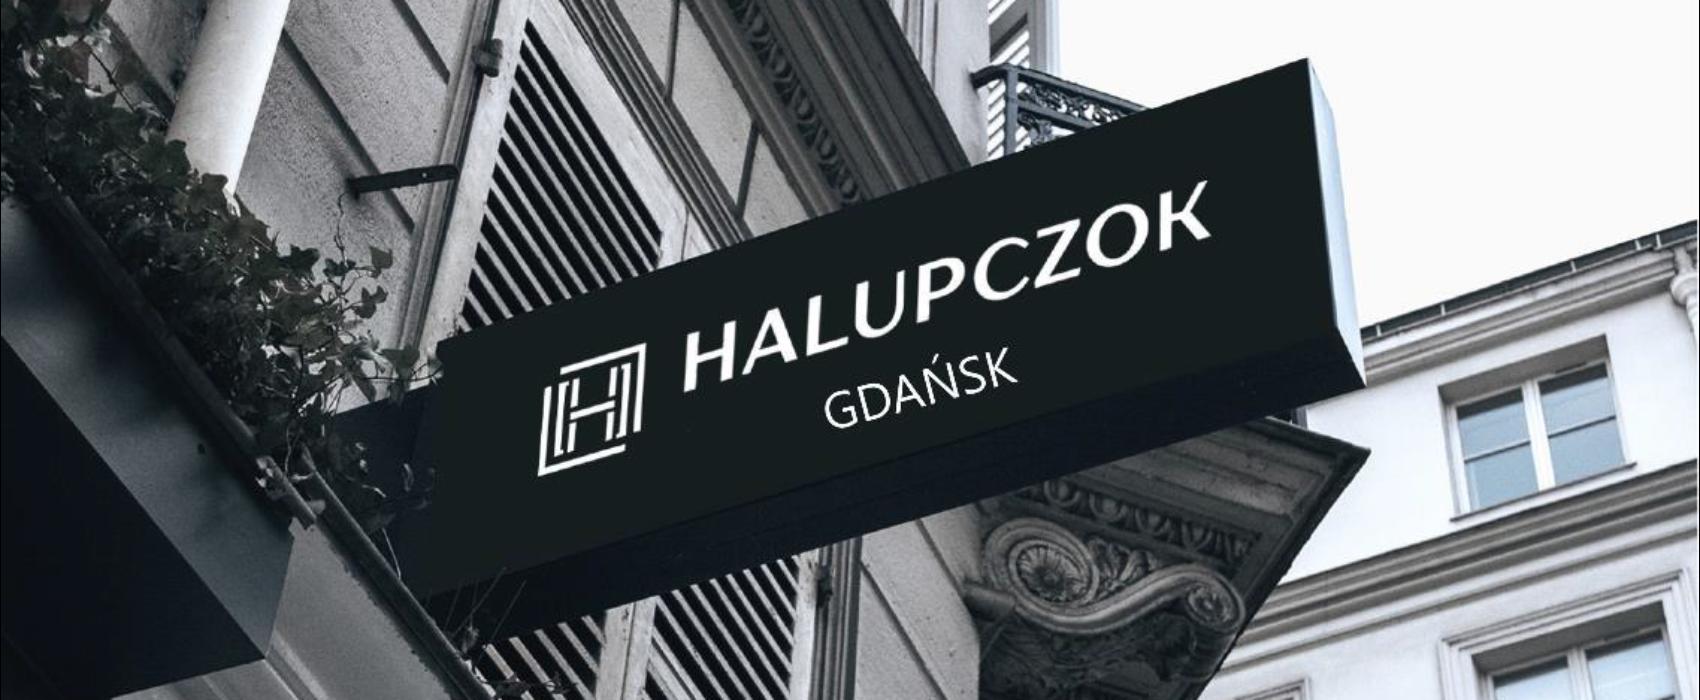 Halupczok- luksusowa marka mebli kuchennych w Gdańsku 4